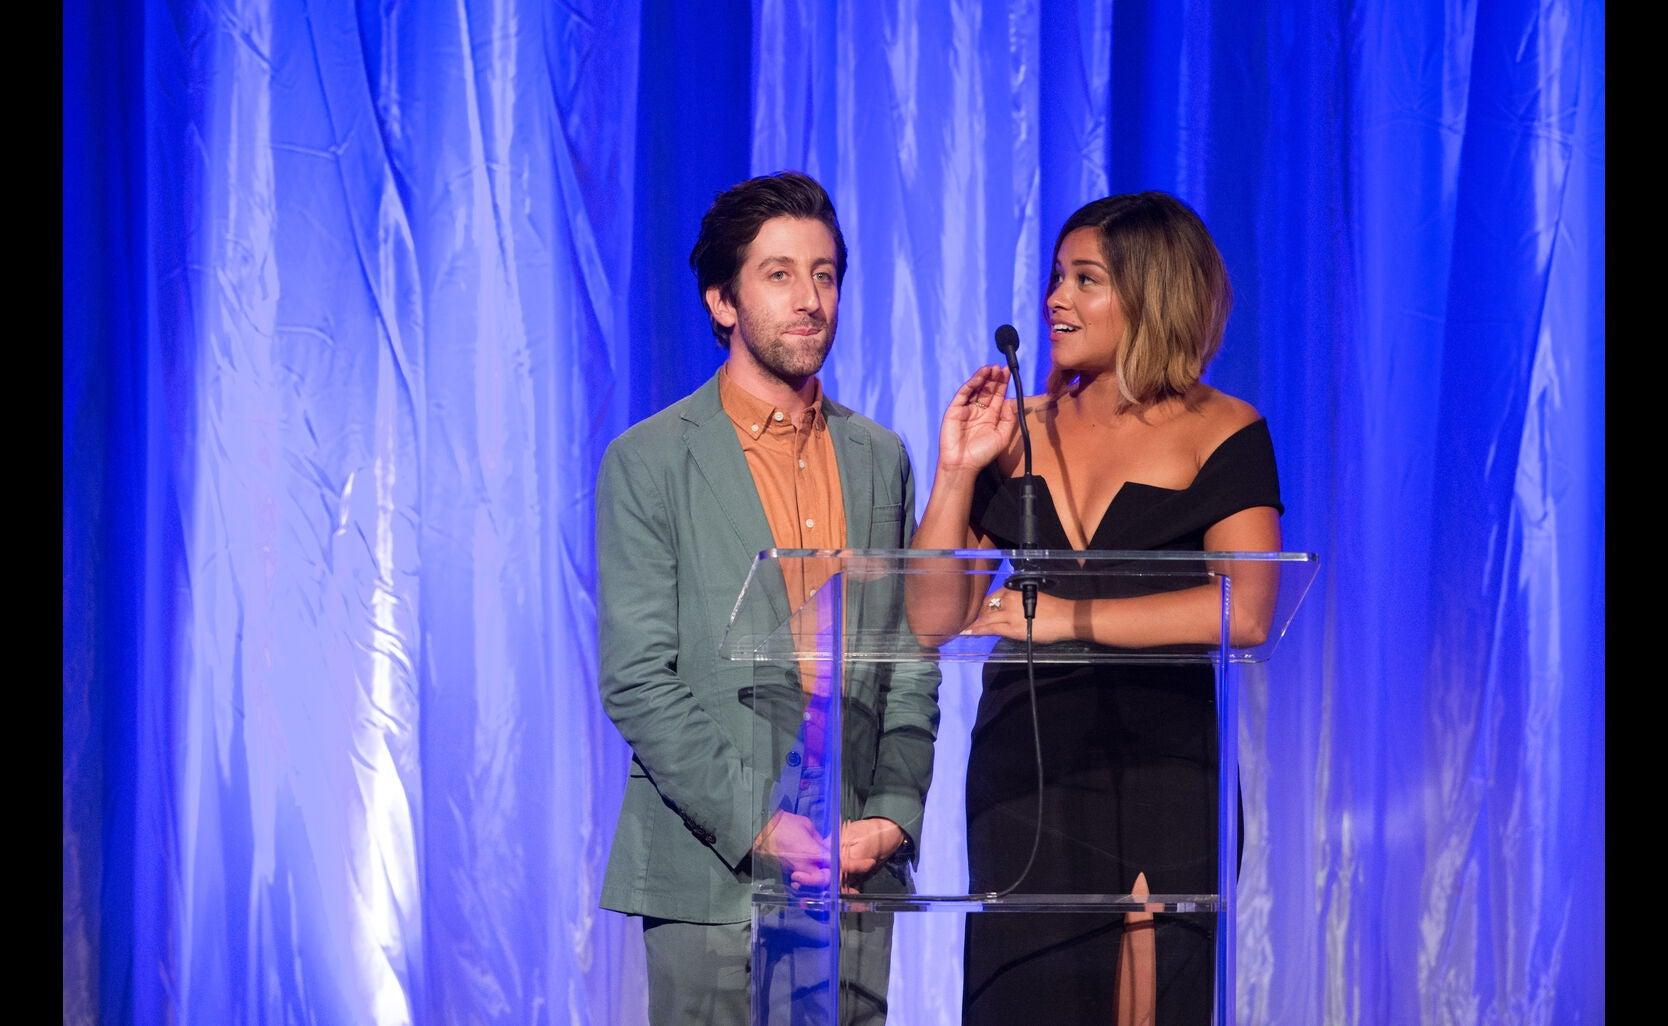 Simon Helberg and Gina Rodriguez at the HFPA Grants Banquet 2016